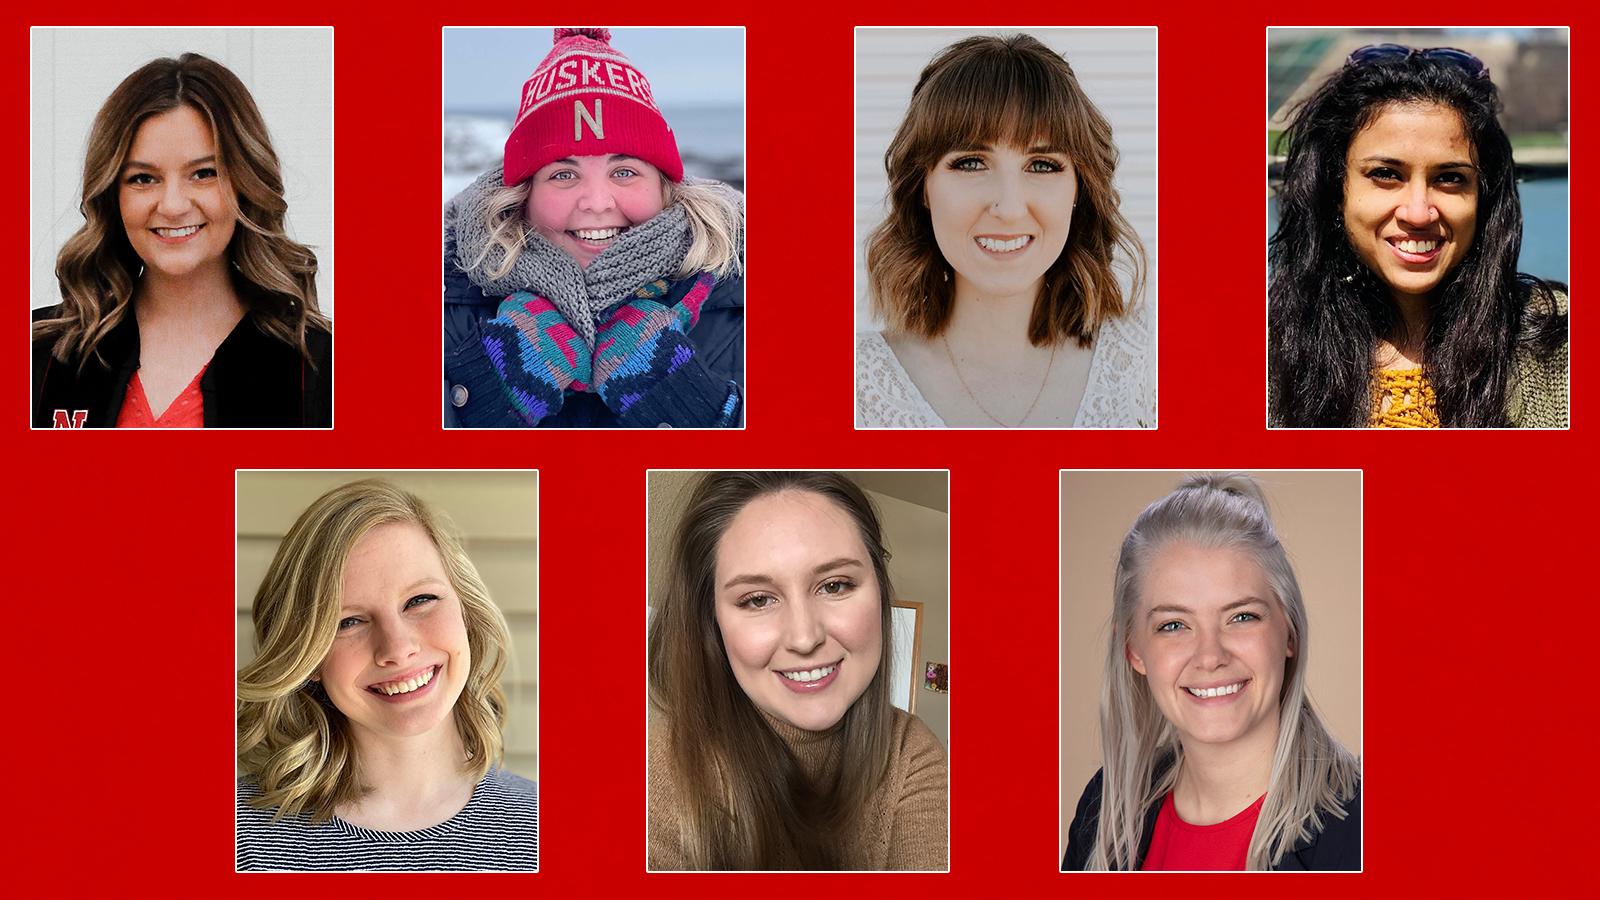 Cassidy Becklun, Mackenzie MacDonald, McKenzie Rosdail Kaus, Manami Shah, Kate Sindt, Kim Vaske-Huff, Emma Wilken